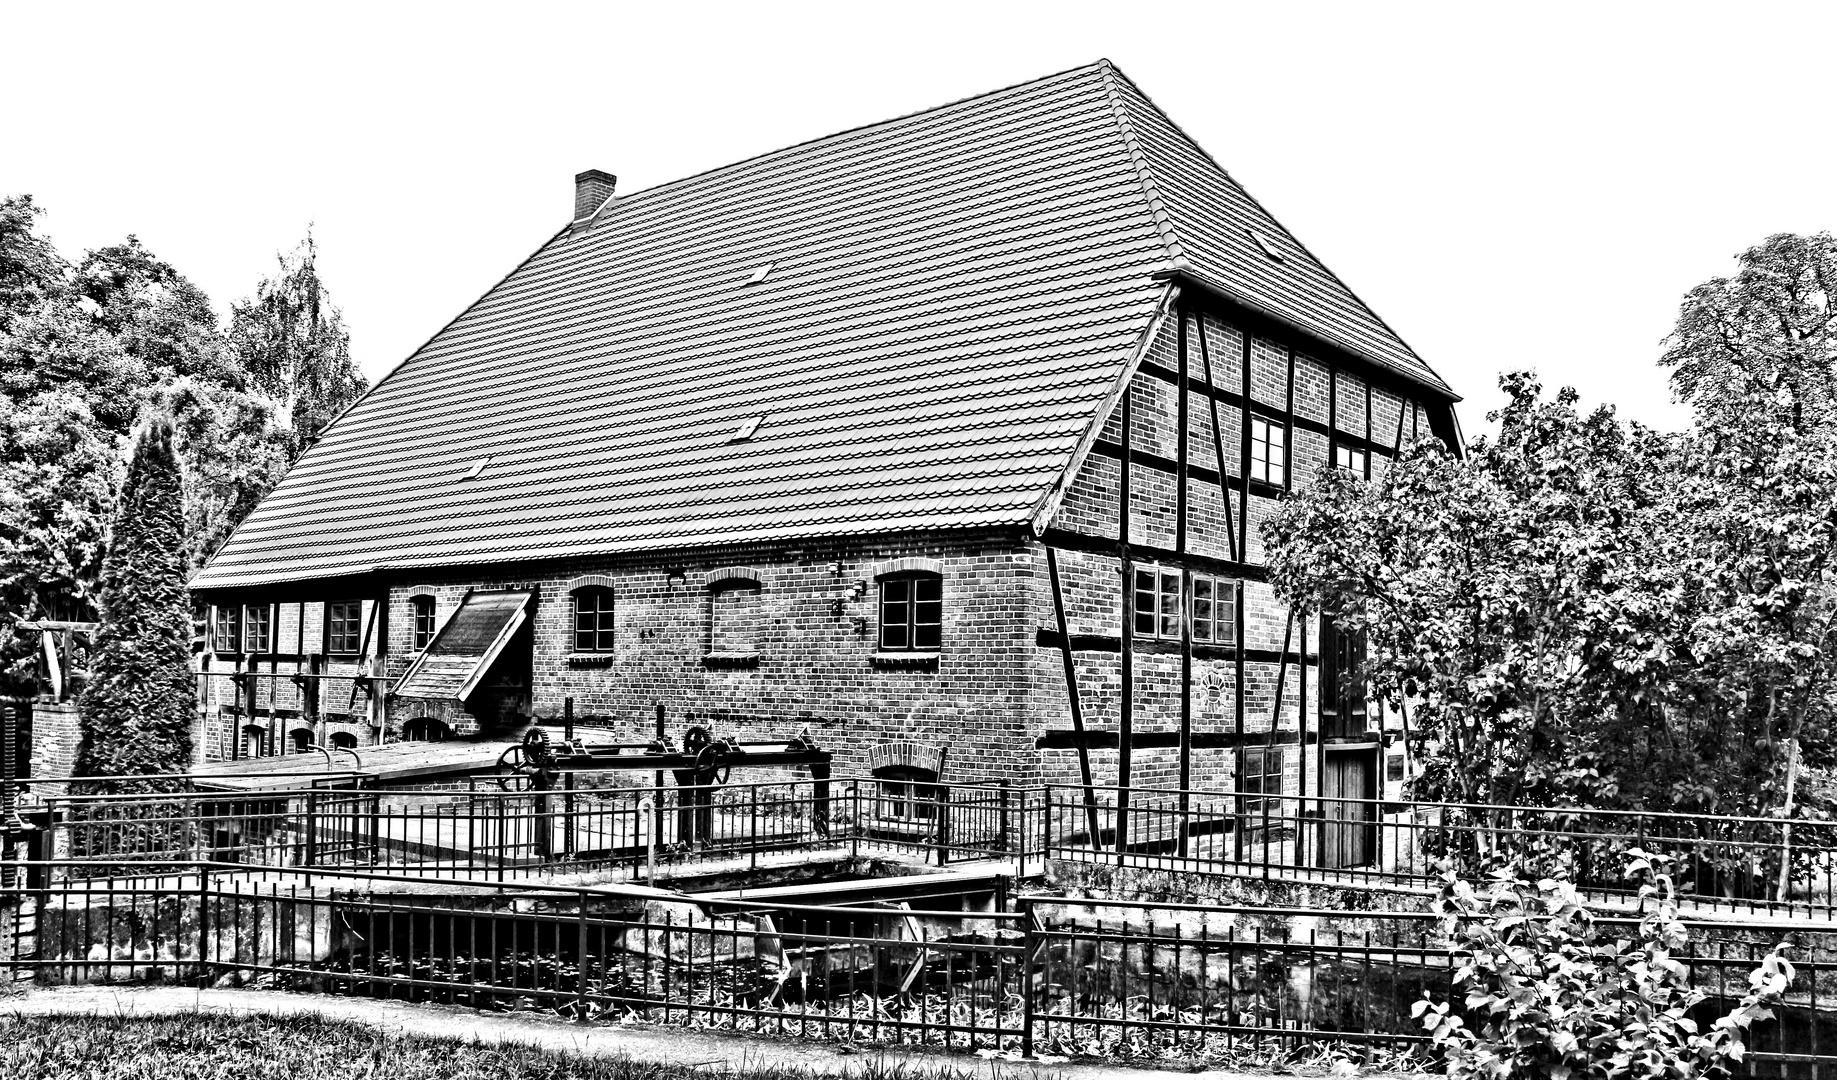 Wassermühle in Kuchelmiß in s/w